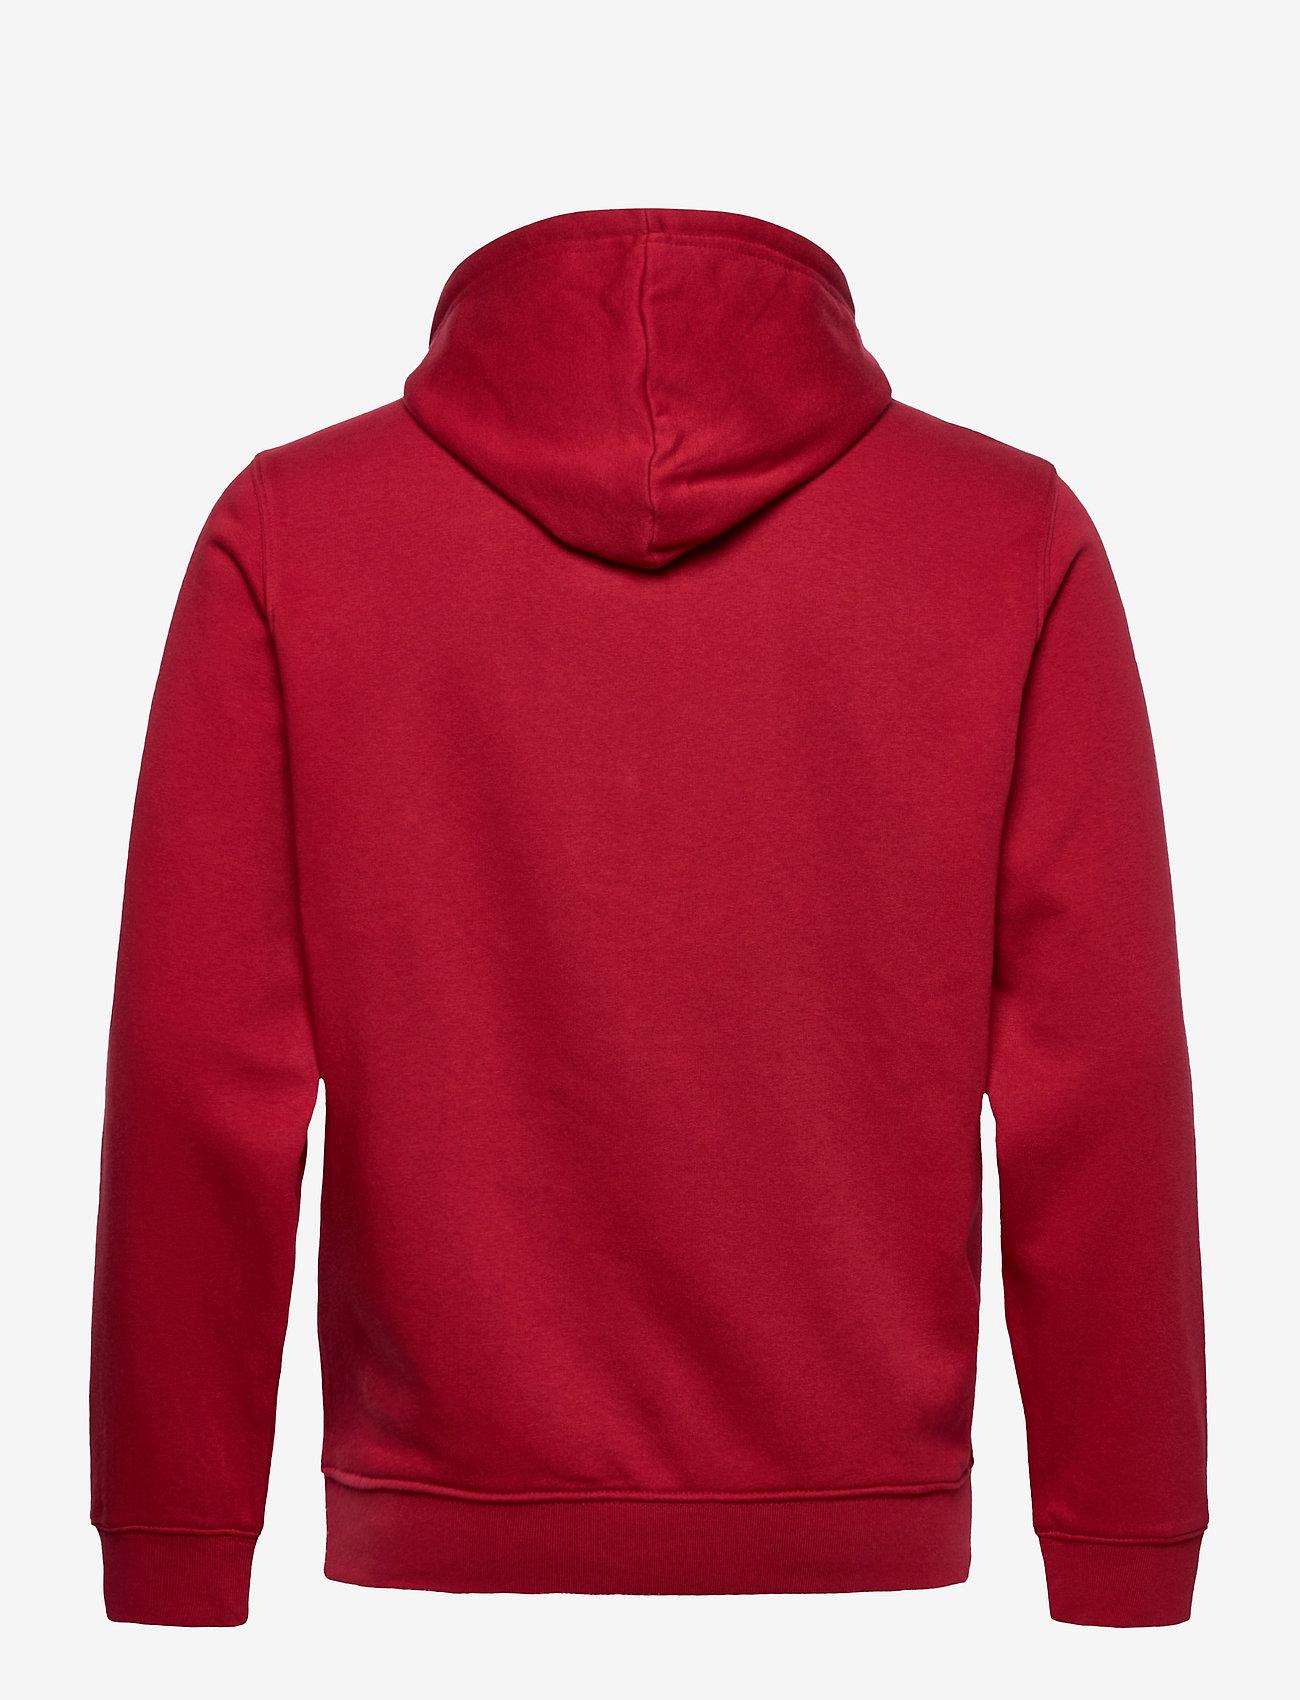 Champion Hooded Sweatshirt - Sweatshirts RIO RED - Menn Klær